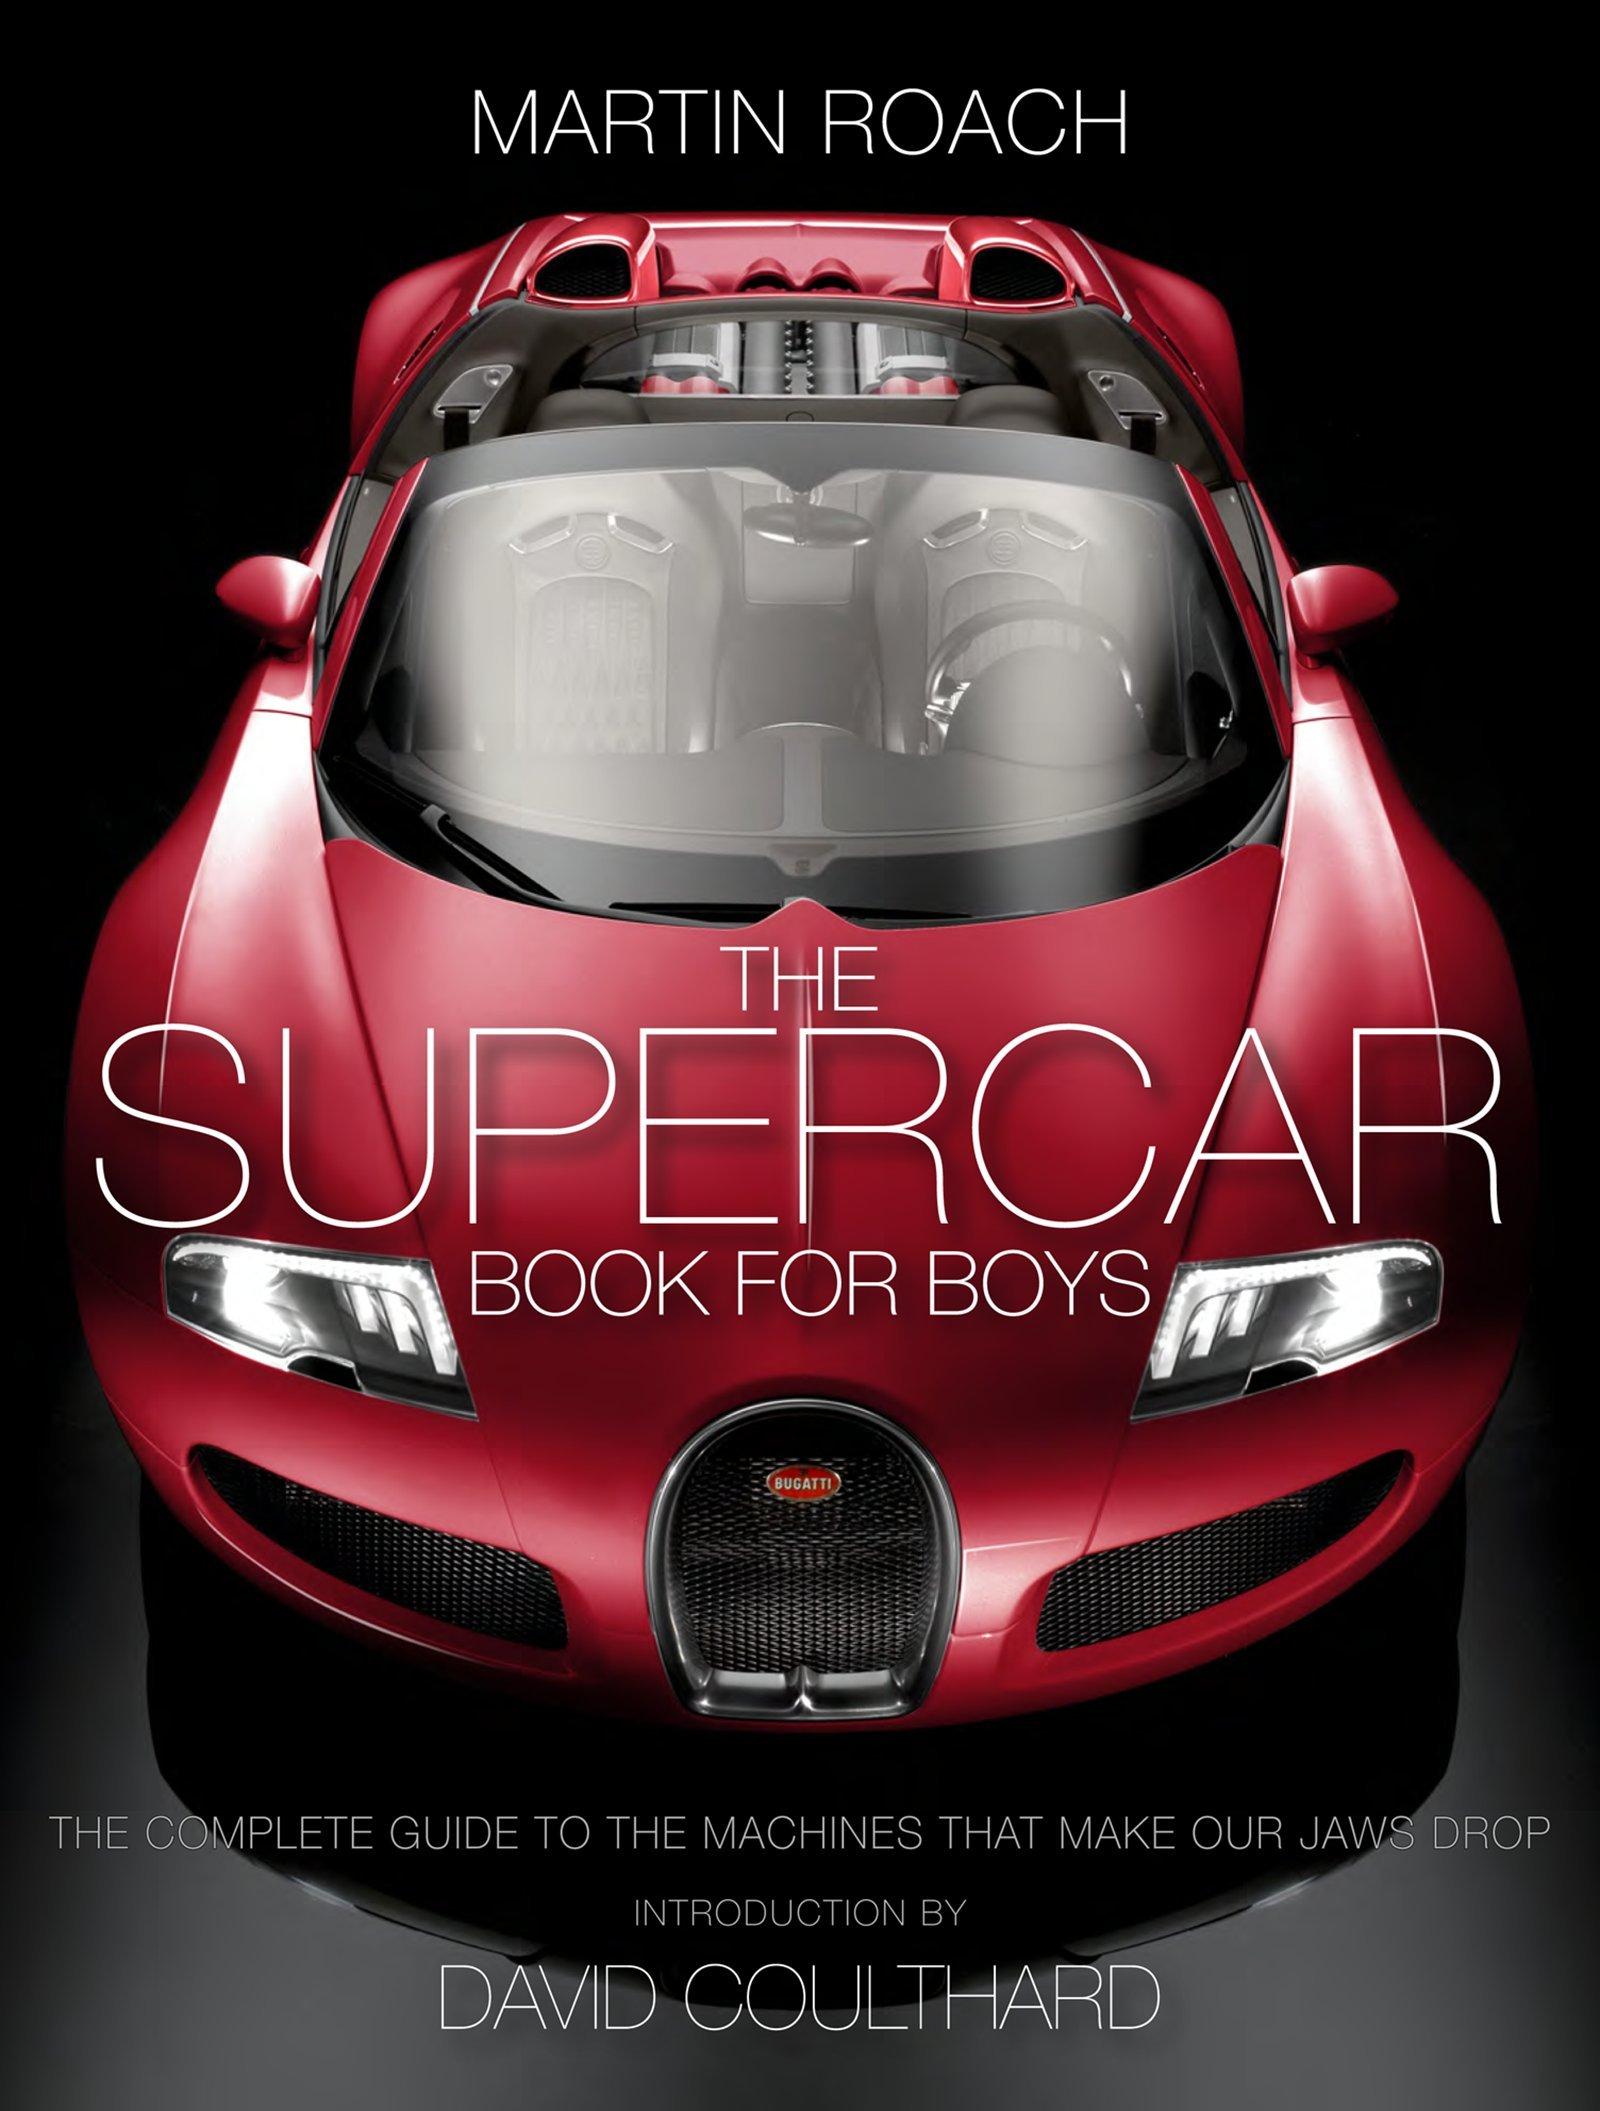 The Supercar Book For Boys Martin Roach Amazon